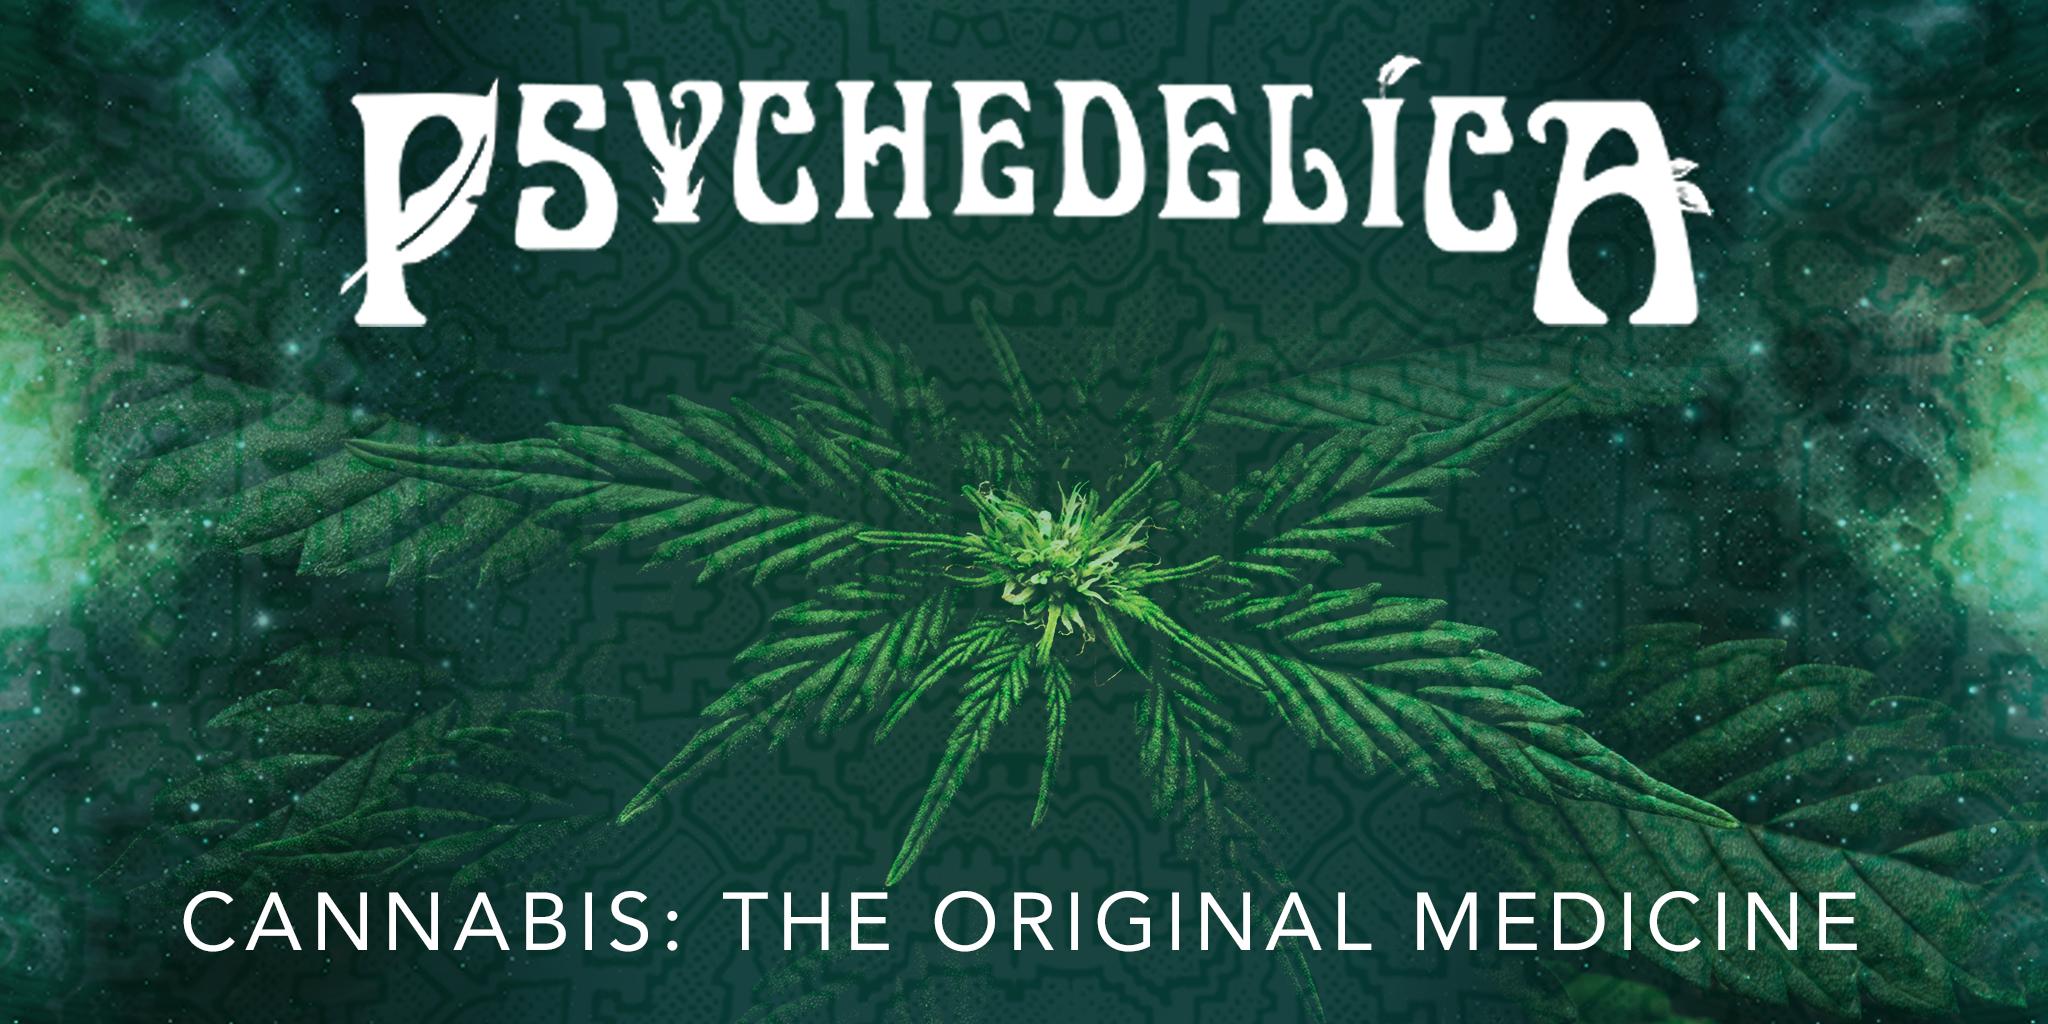 170571_p_e7_cannabis_the-original-medicine_2048x1024.jpg